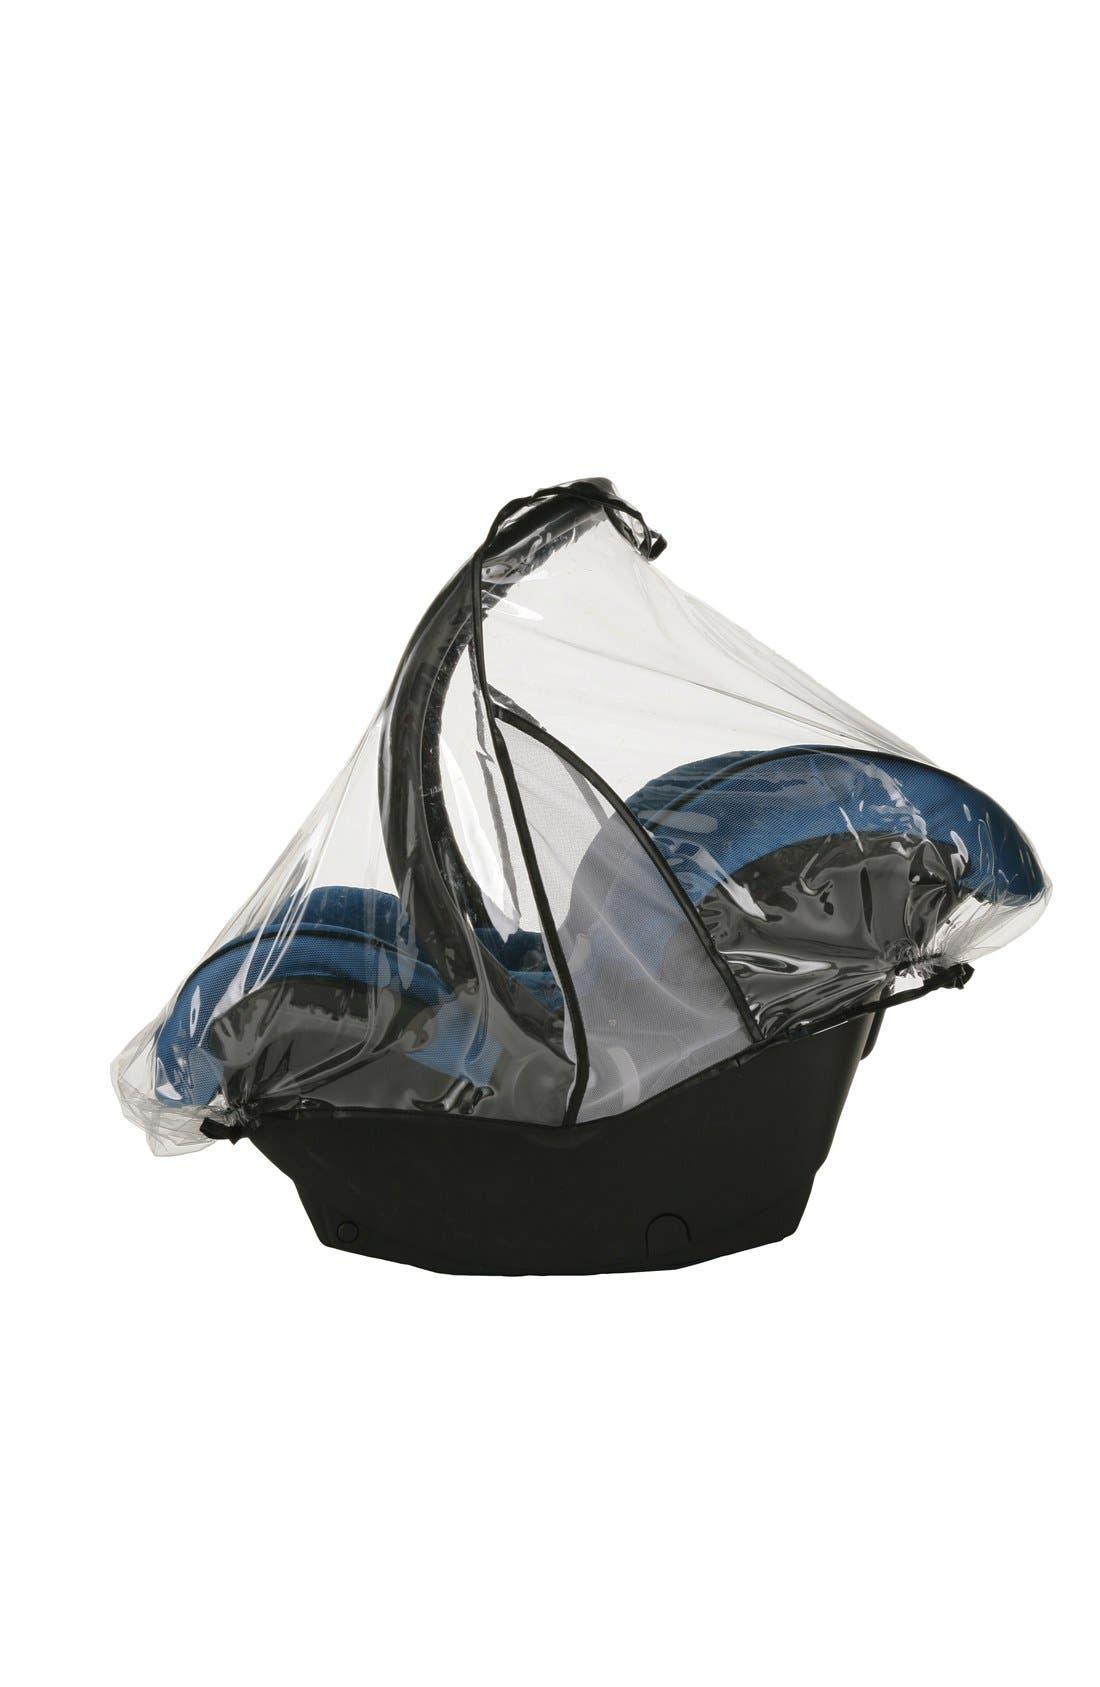 Maxi-Cosi® Car Seat Weathershield